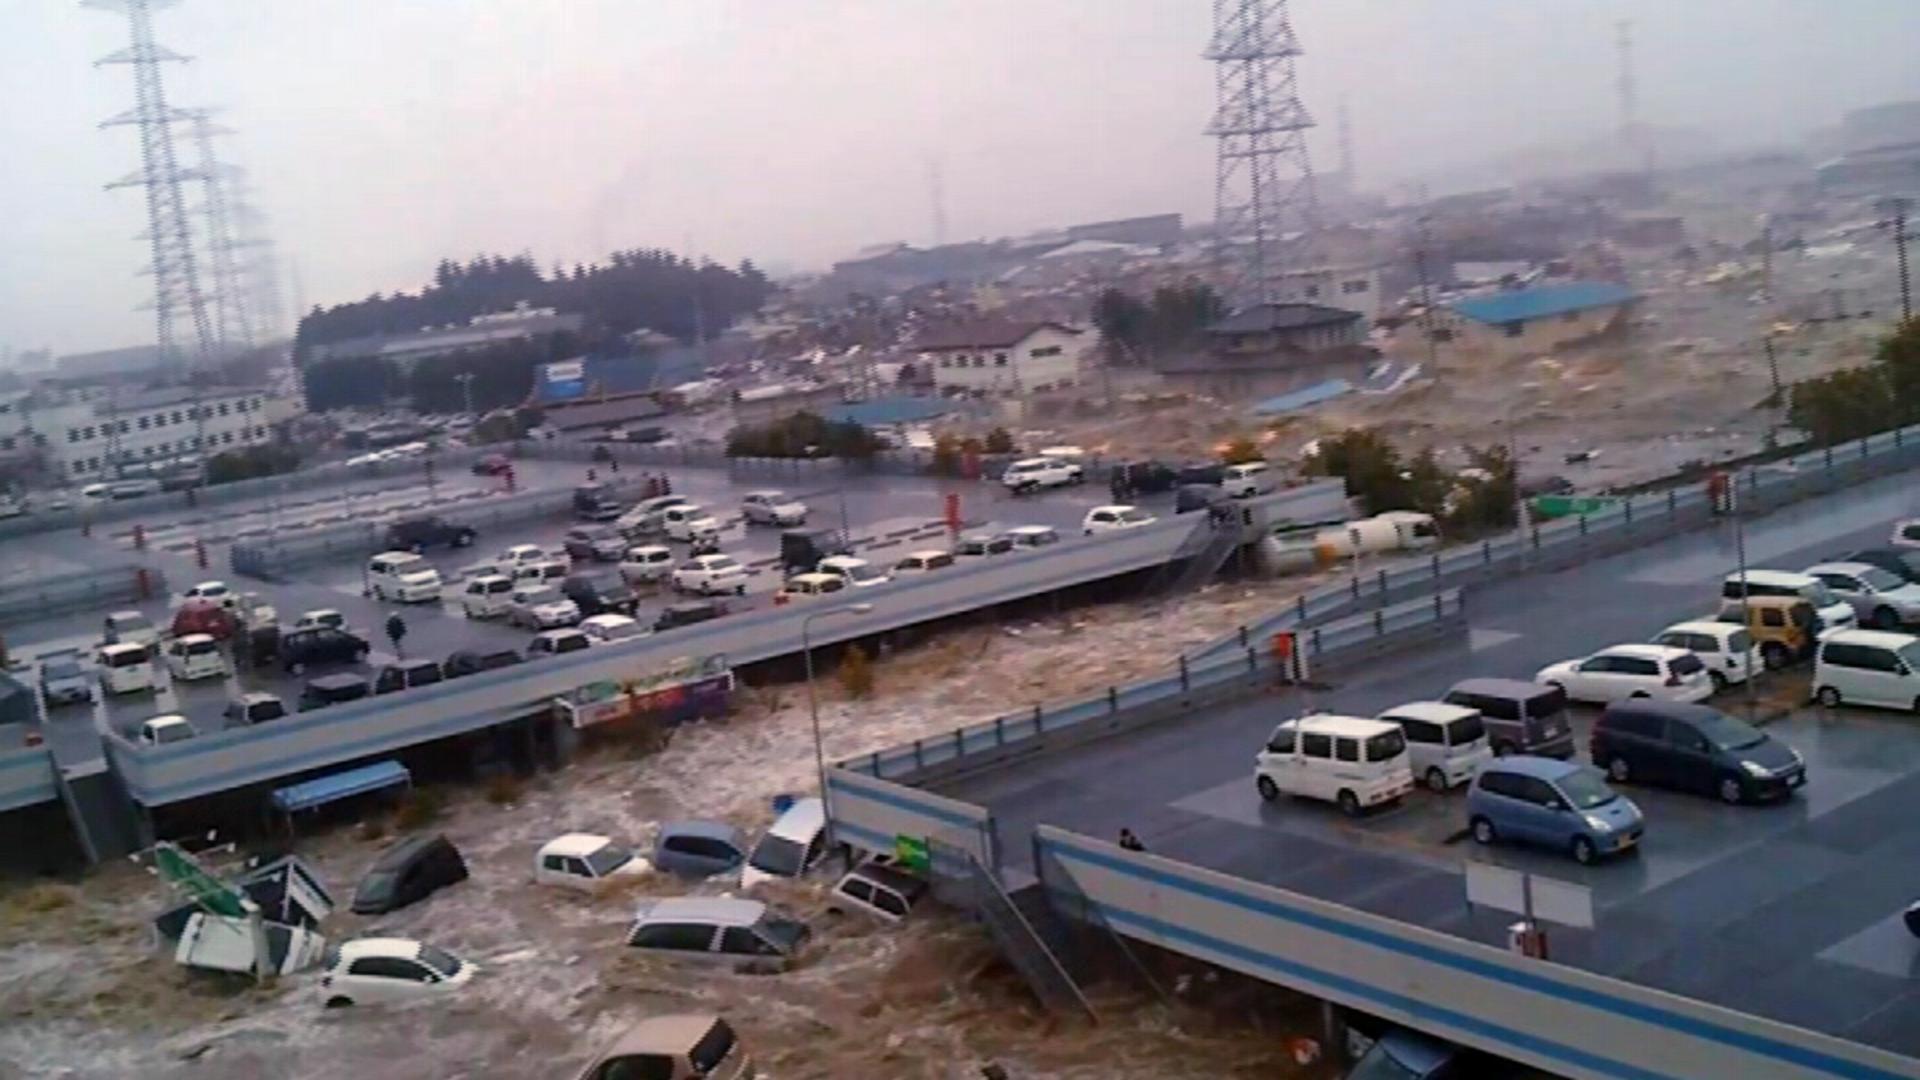 Überlebende der Katastrophe von Japan berichten von ihren Erlebnissen und zeigen Videoaufnahmen, die sie in Augenblicken größter Not selbst gedreht haben.